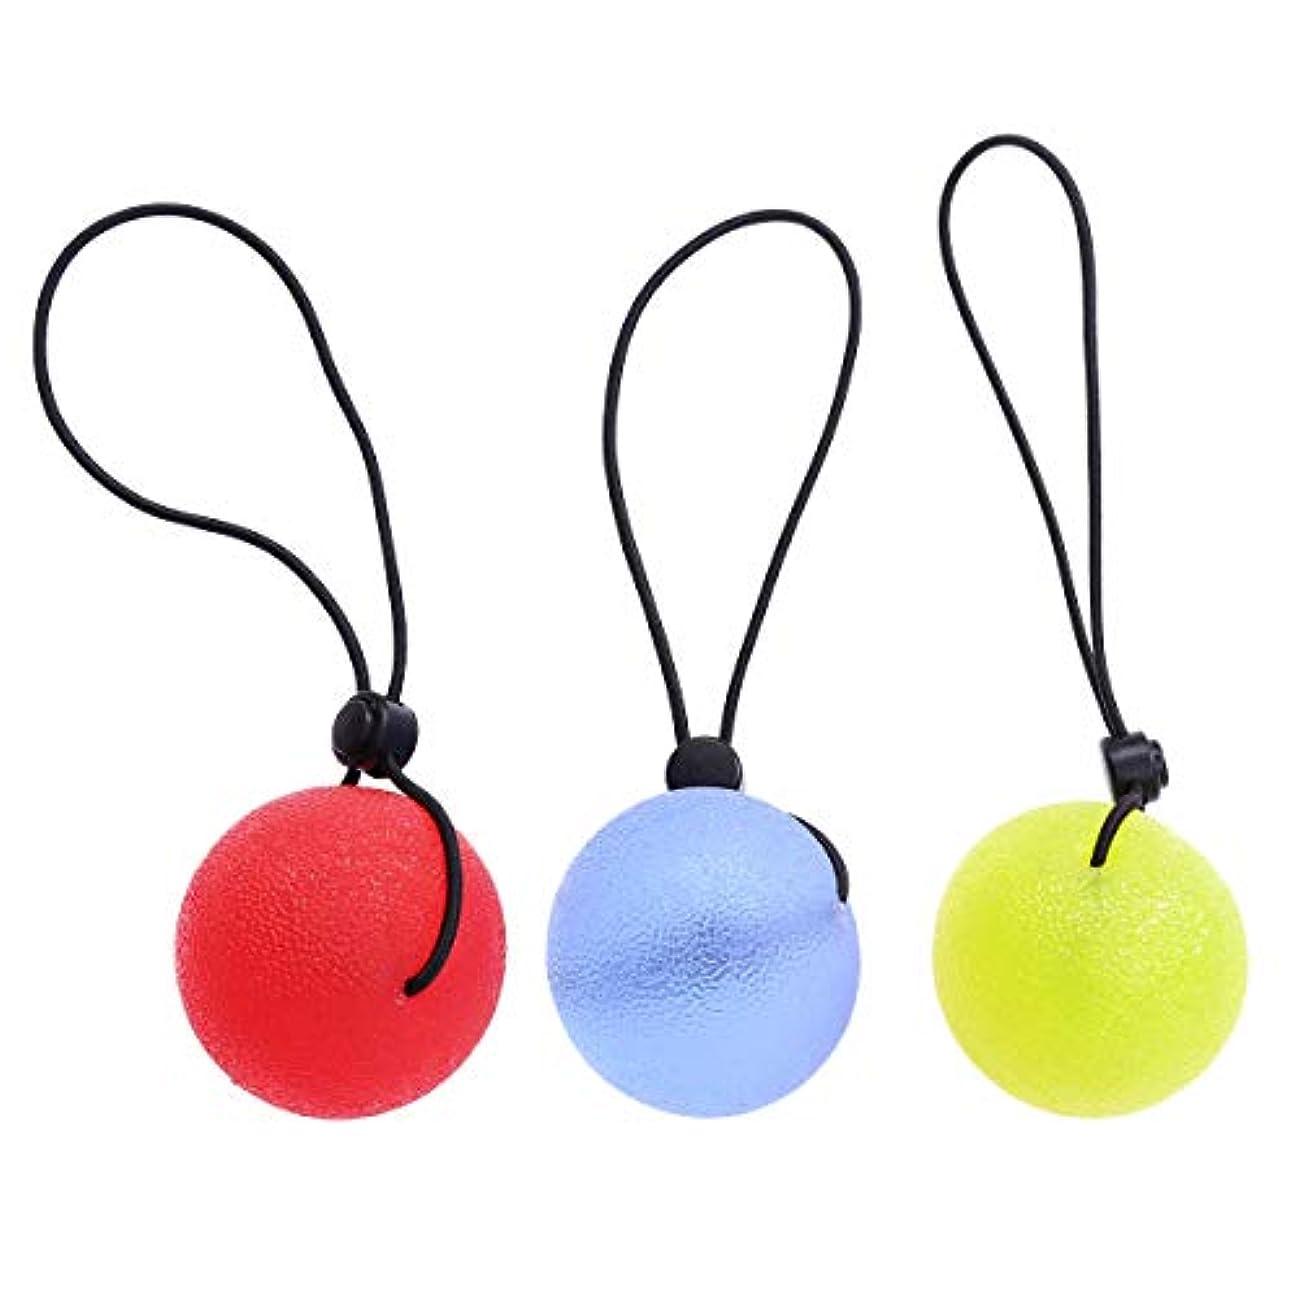 区別にやにやレースHEALIFTY ストレスリリーフボール、3本の指グリップボールセラピーエクササイズスクイズ卵ストレスボールストリングフィットネス機器(ランダムカラー)